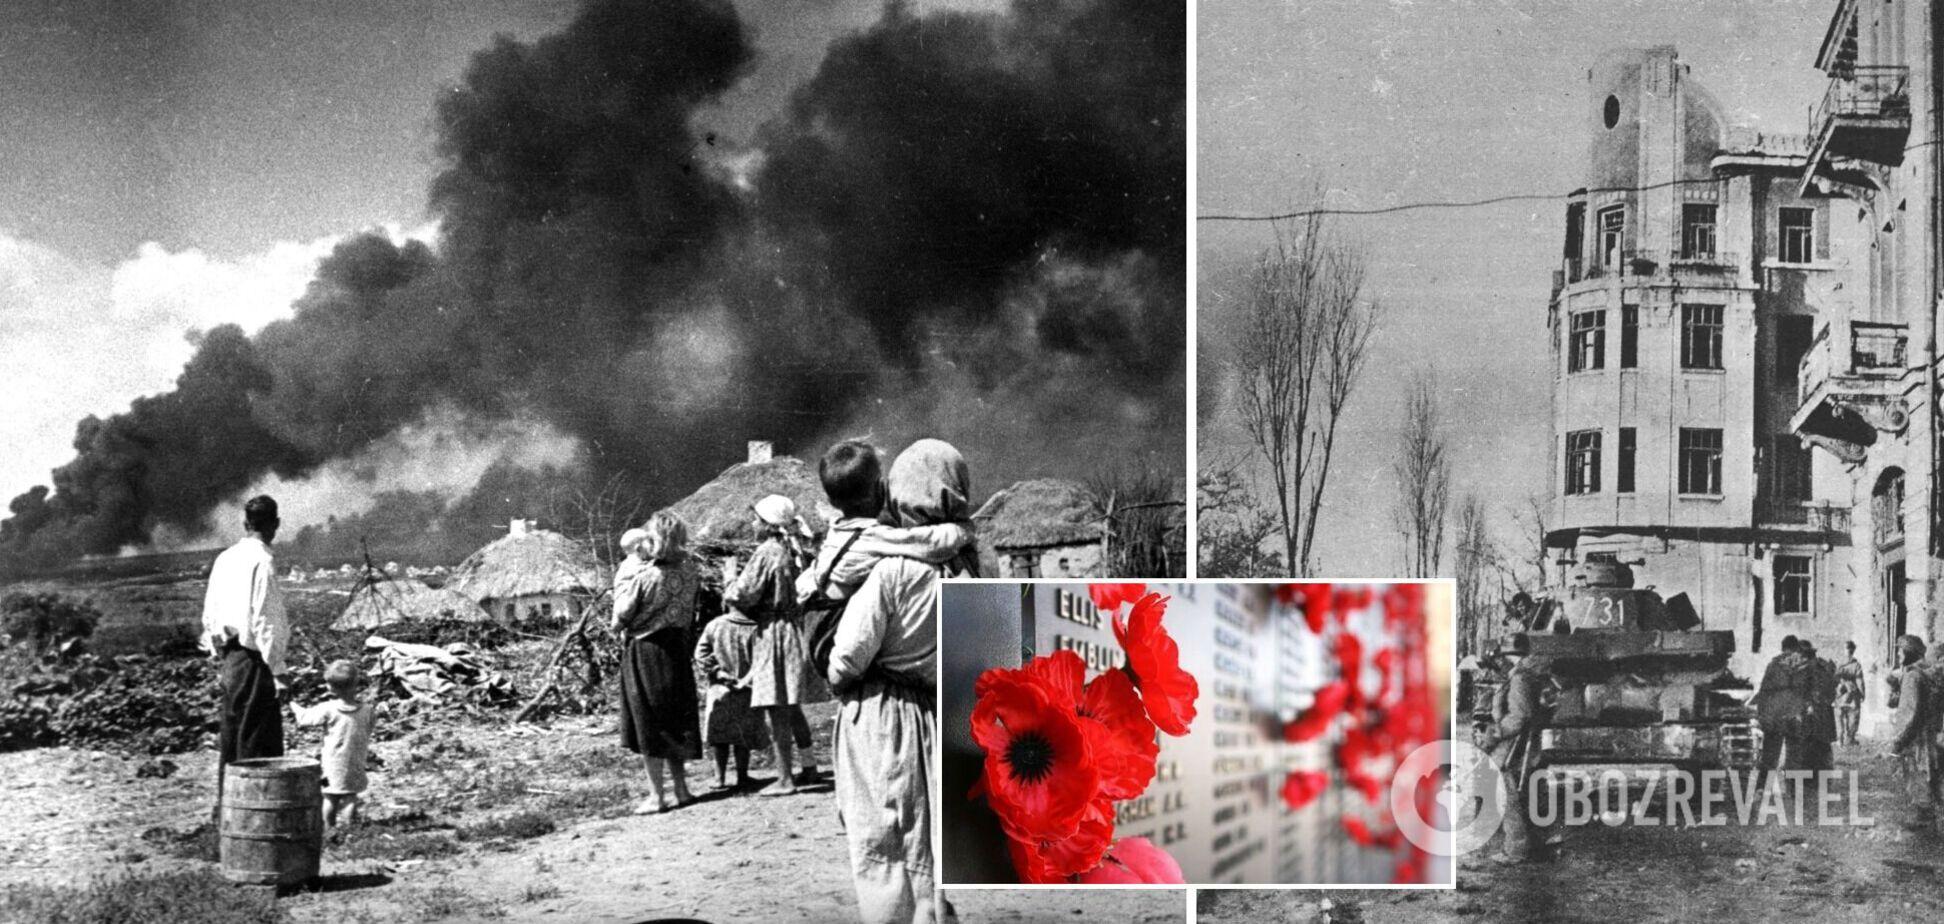 22 июня в Украине День скорби и чествования памяти жертв войны: главные факты